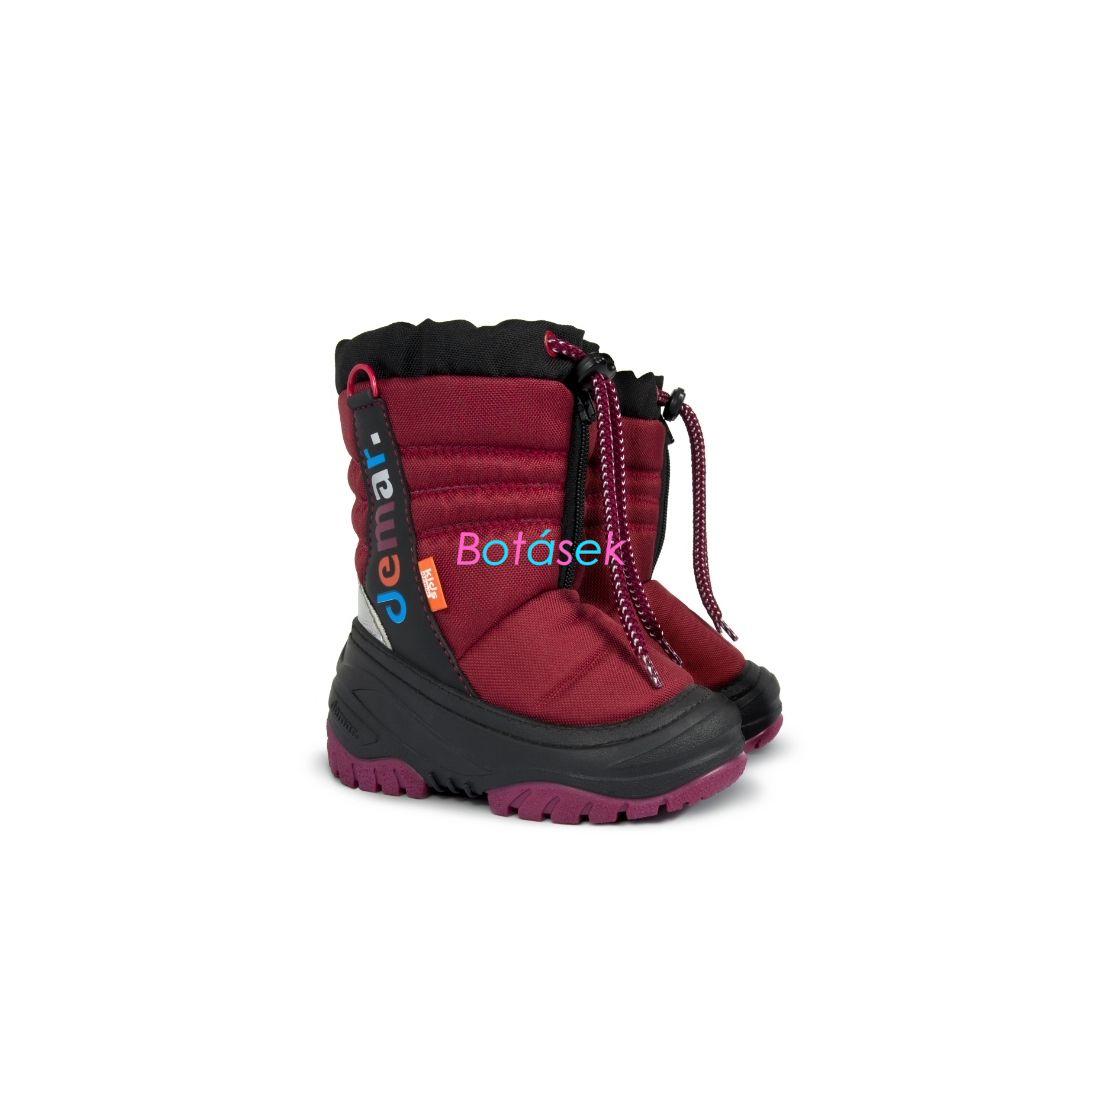 www.botasek.cz - Dětské boty - Zimní obuv - Dětské sněhule Demar TEDDY B 04f72517c5